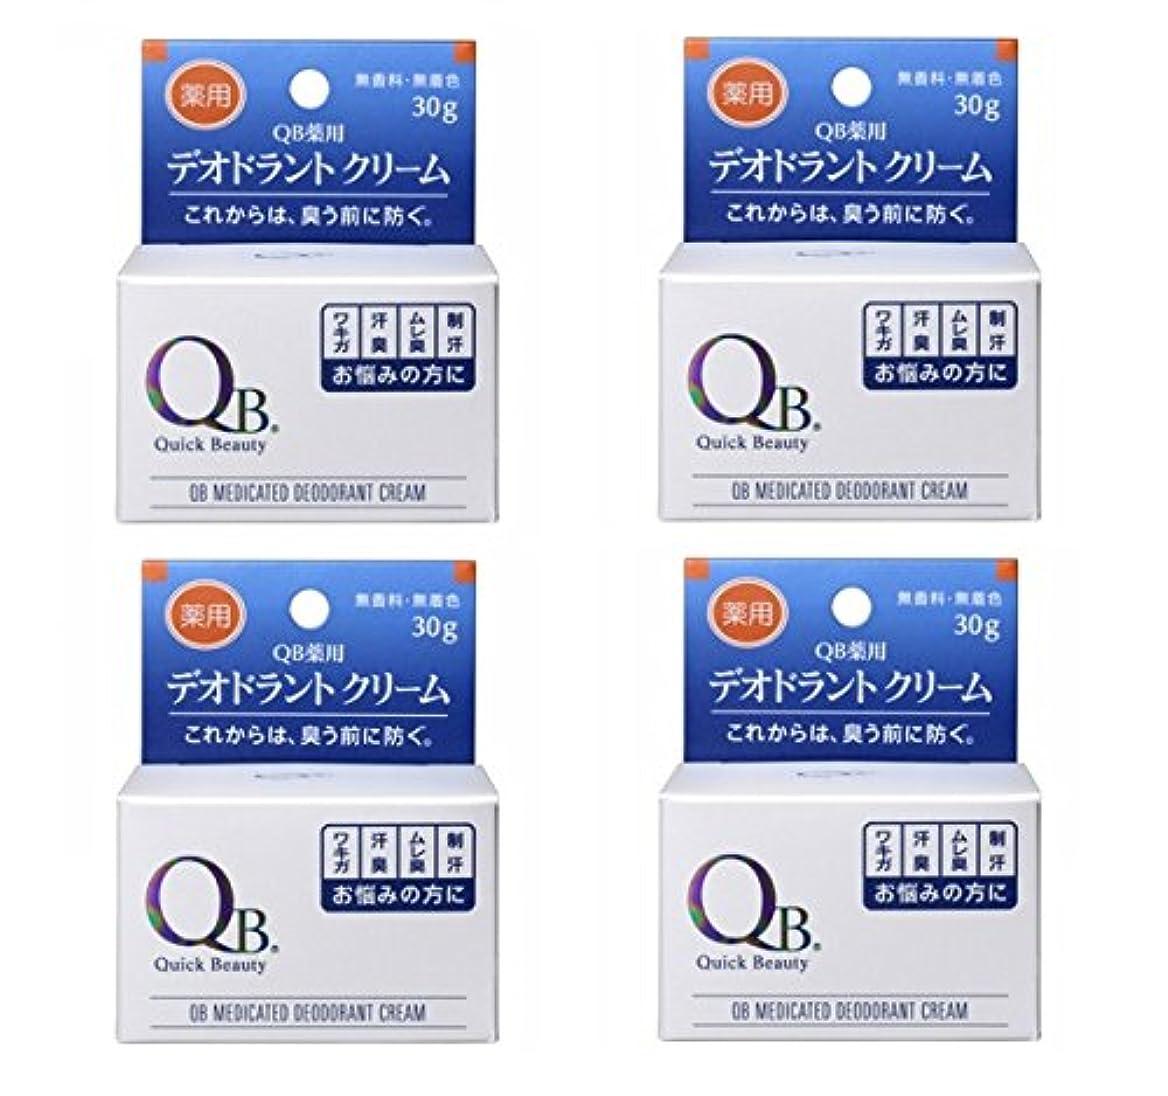 レバーなめらかおなじみの【×4個】 QB 薬用デオドラントクリーム 30g 【国内正規品】